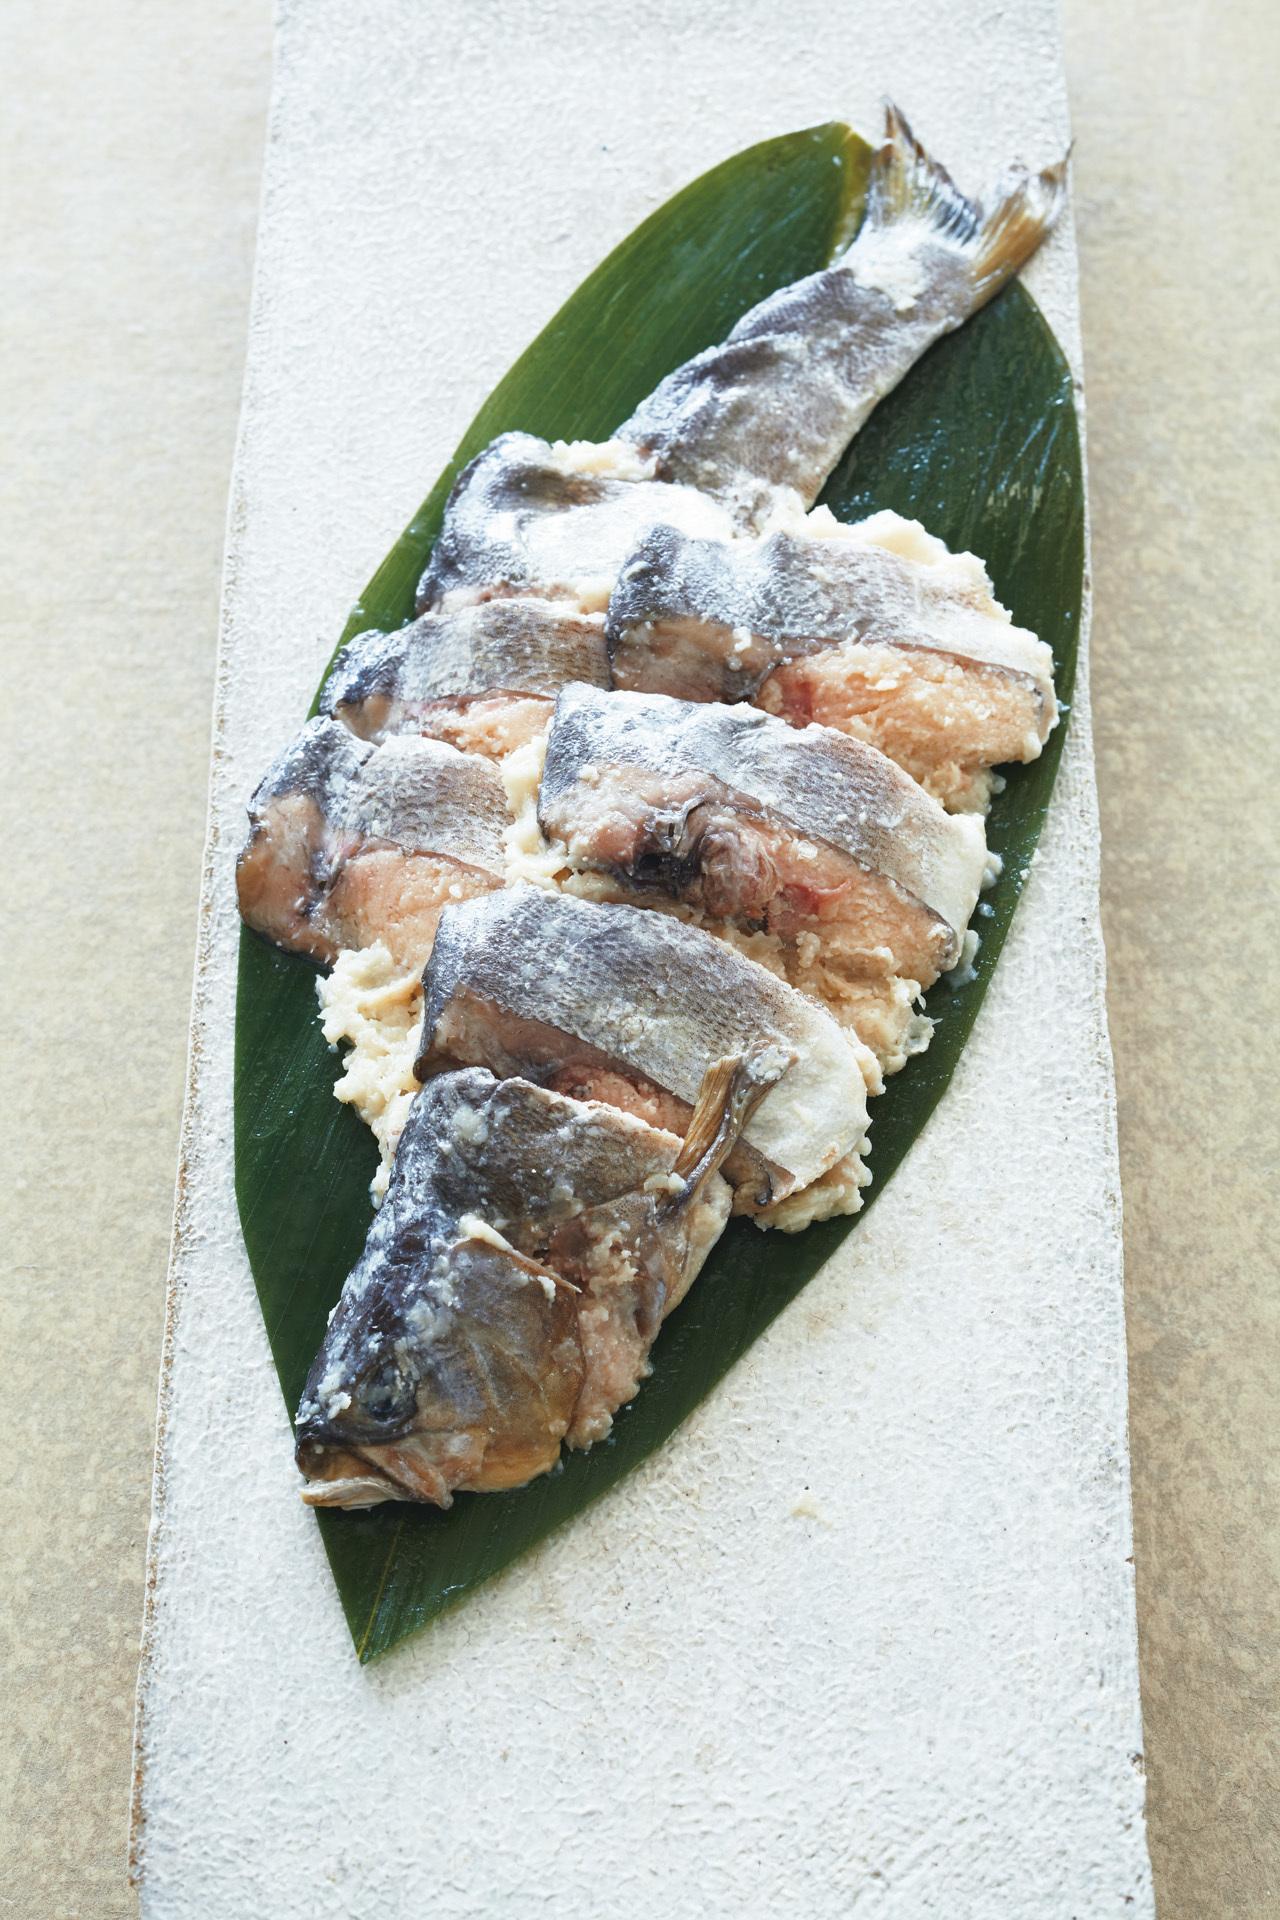 上品でまろやかな味が好評 比良山荘の「鮎なれ寿司」_1_1